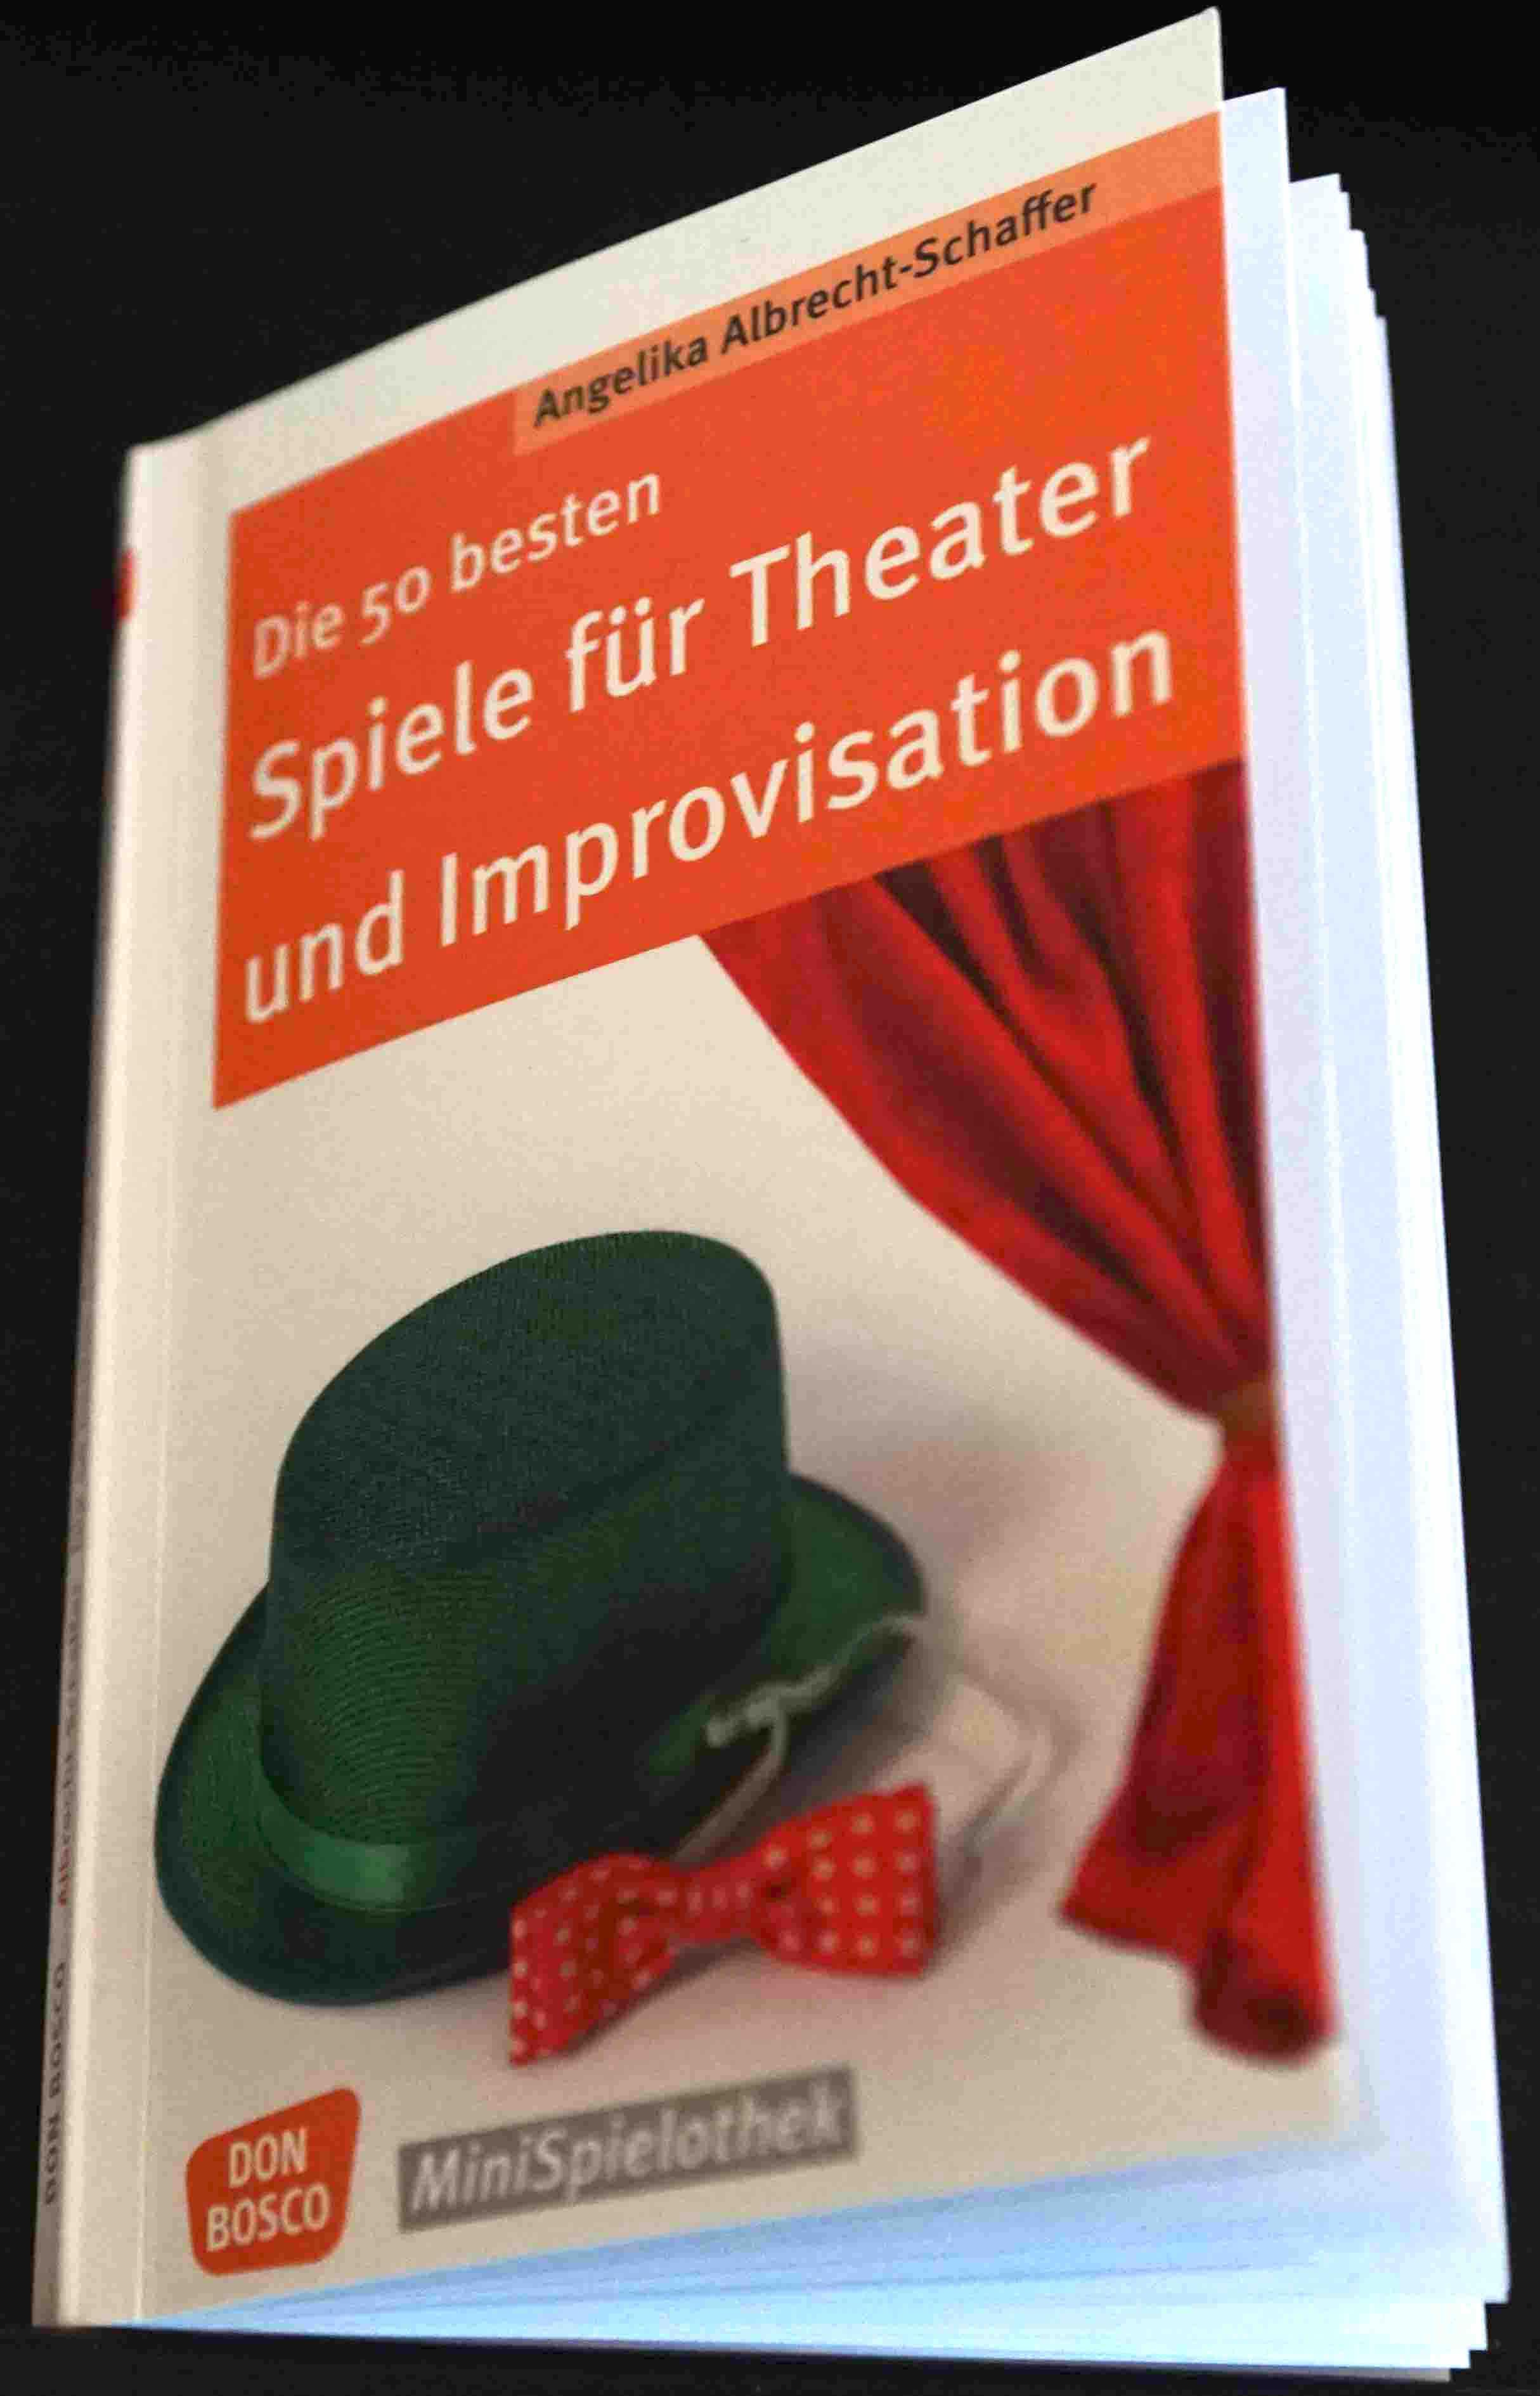 Albrecht-Schaffer 2016: Die 50 besten Spiele für Theater und Improvisation – Rezension